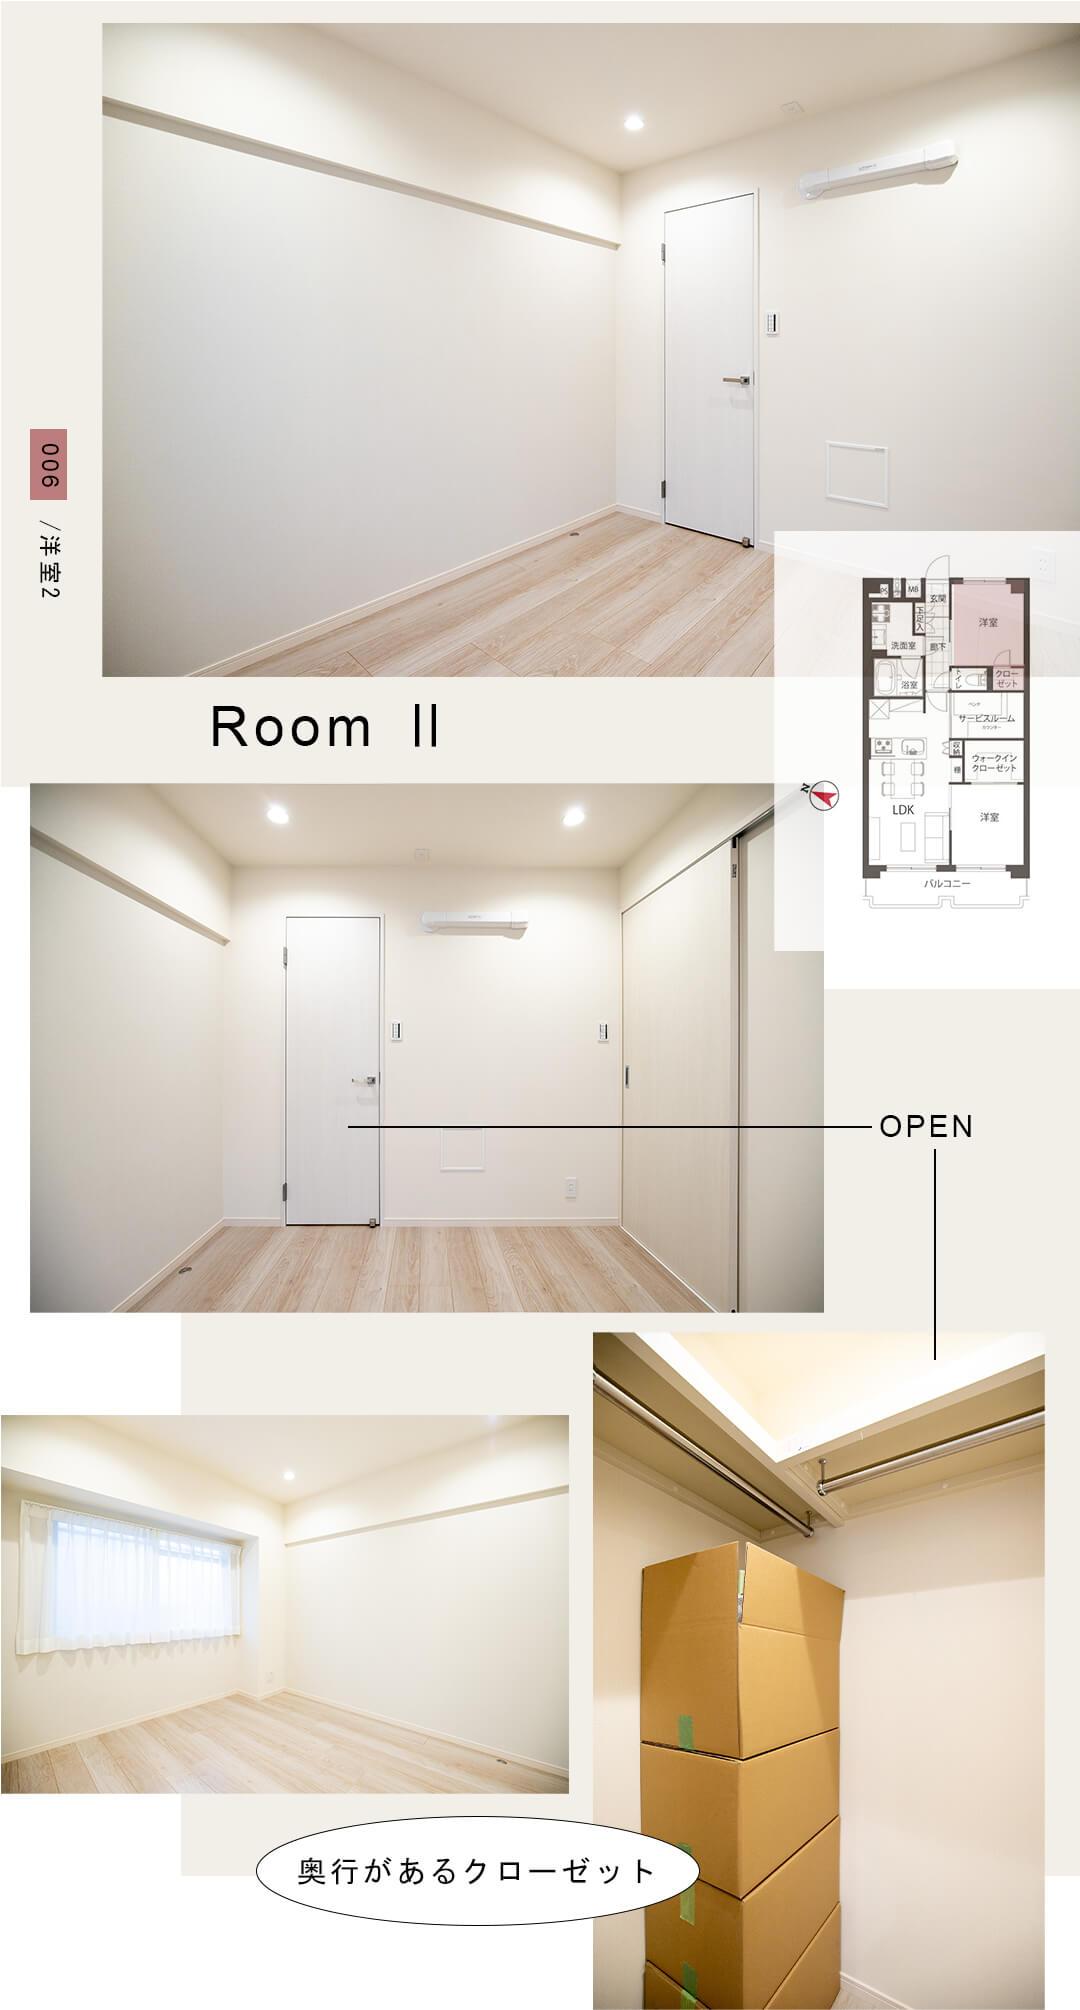 006洋室2,Room Ⅱ